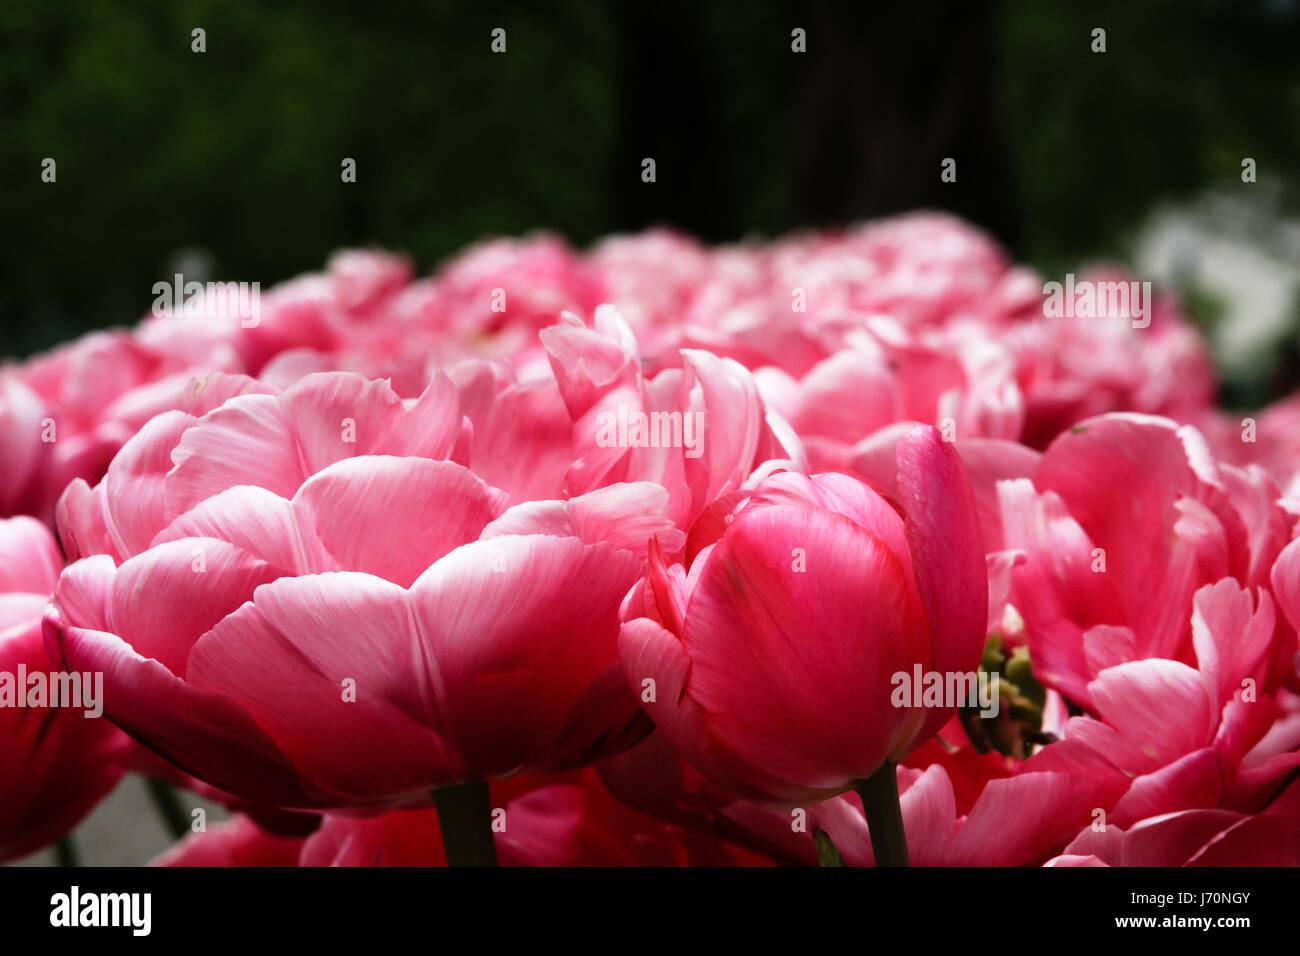 Tulip 'claudia' flowers at Keukenhof gardens - Stock Image